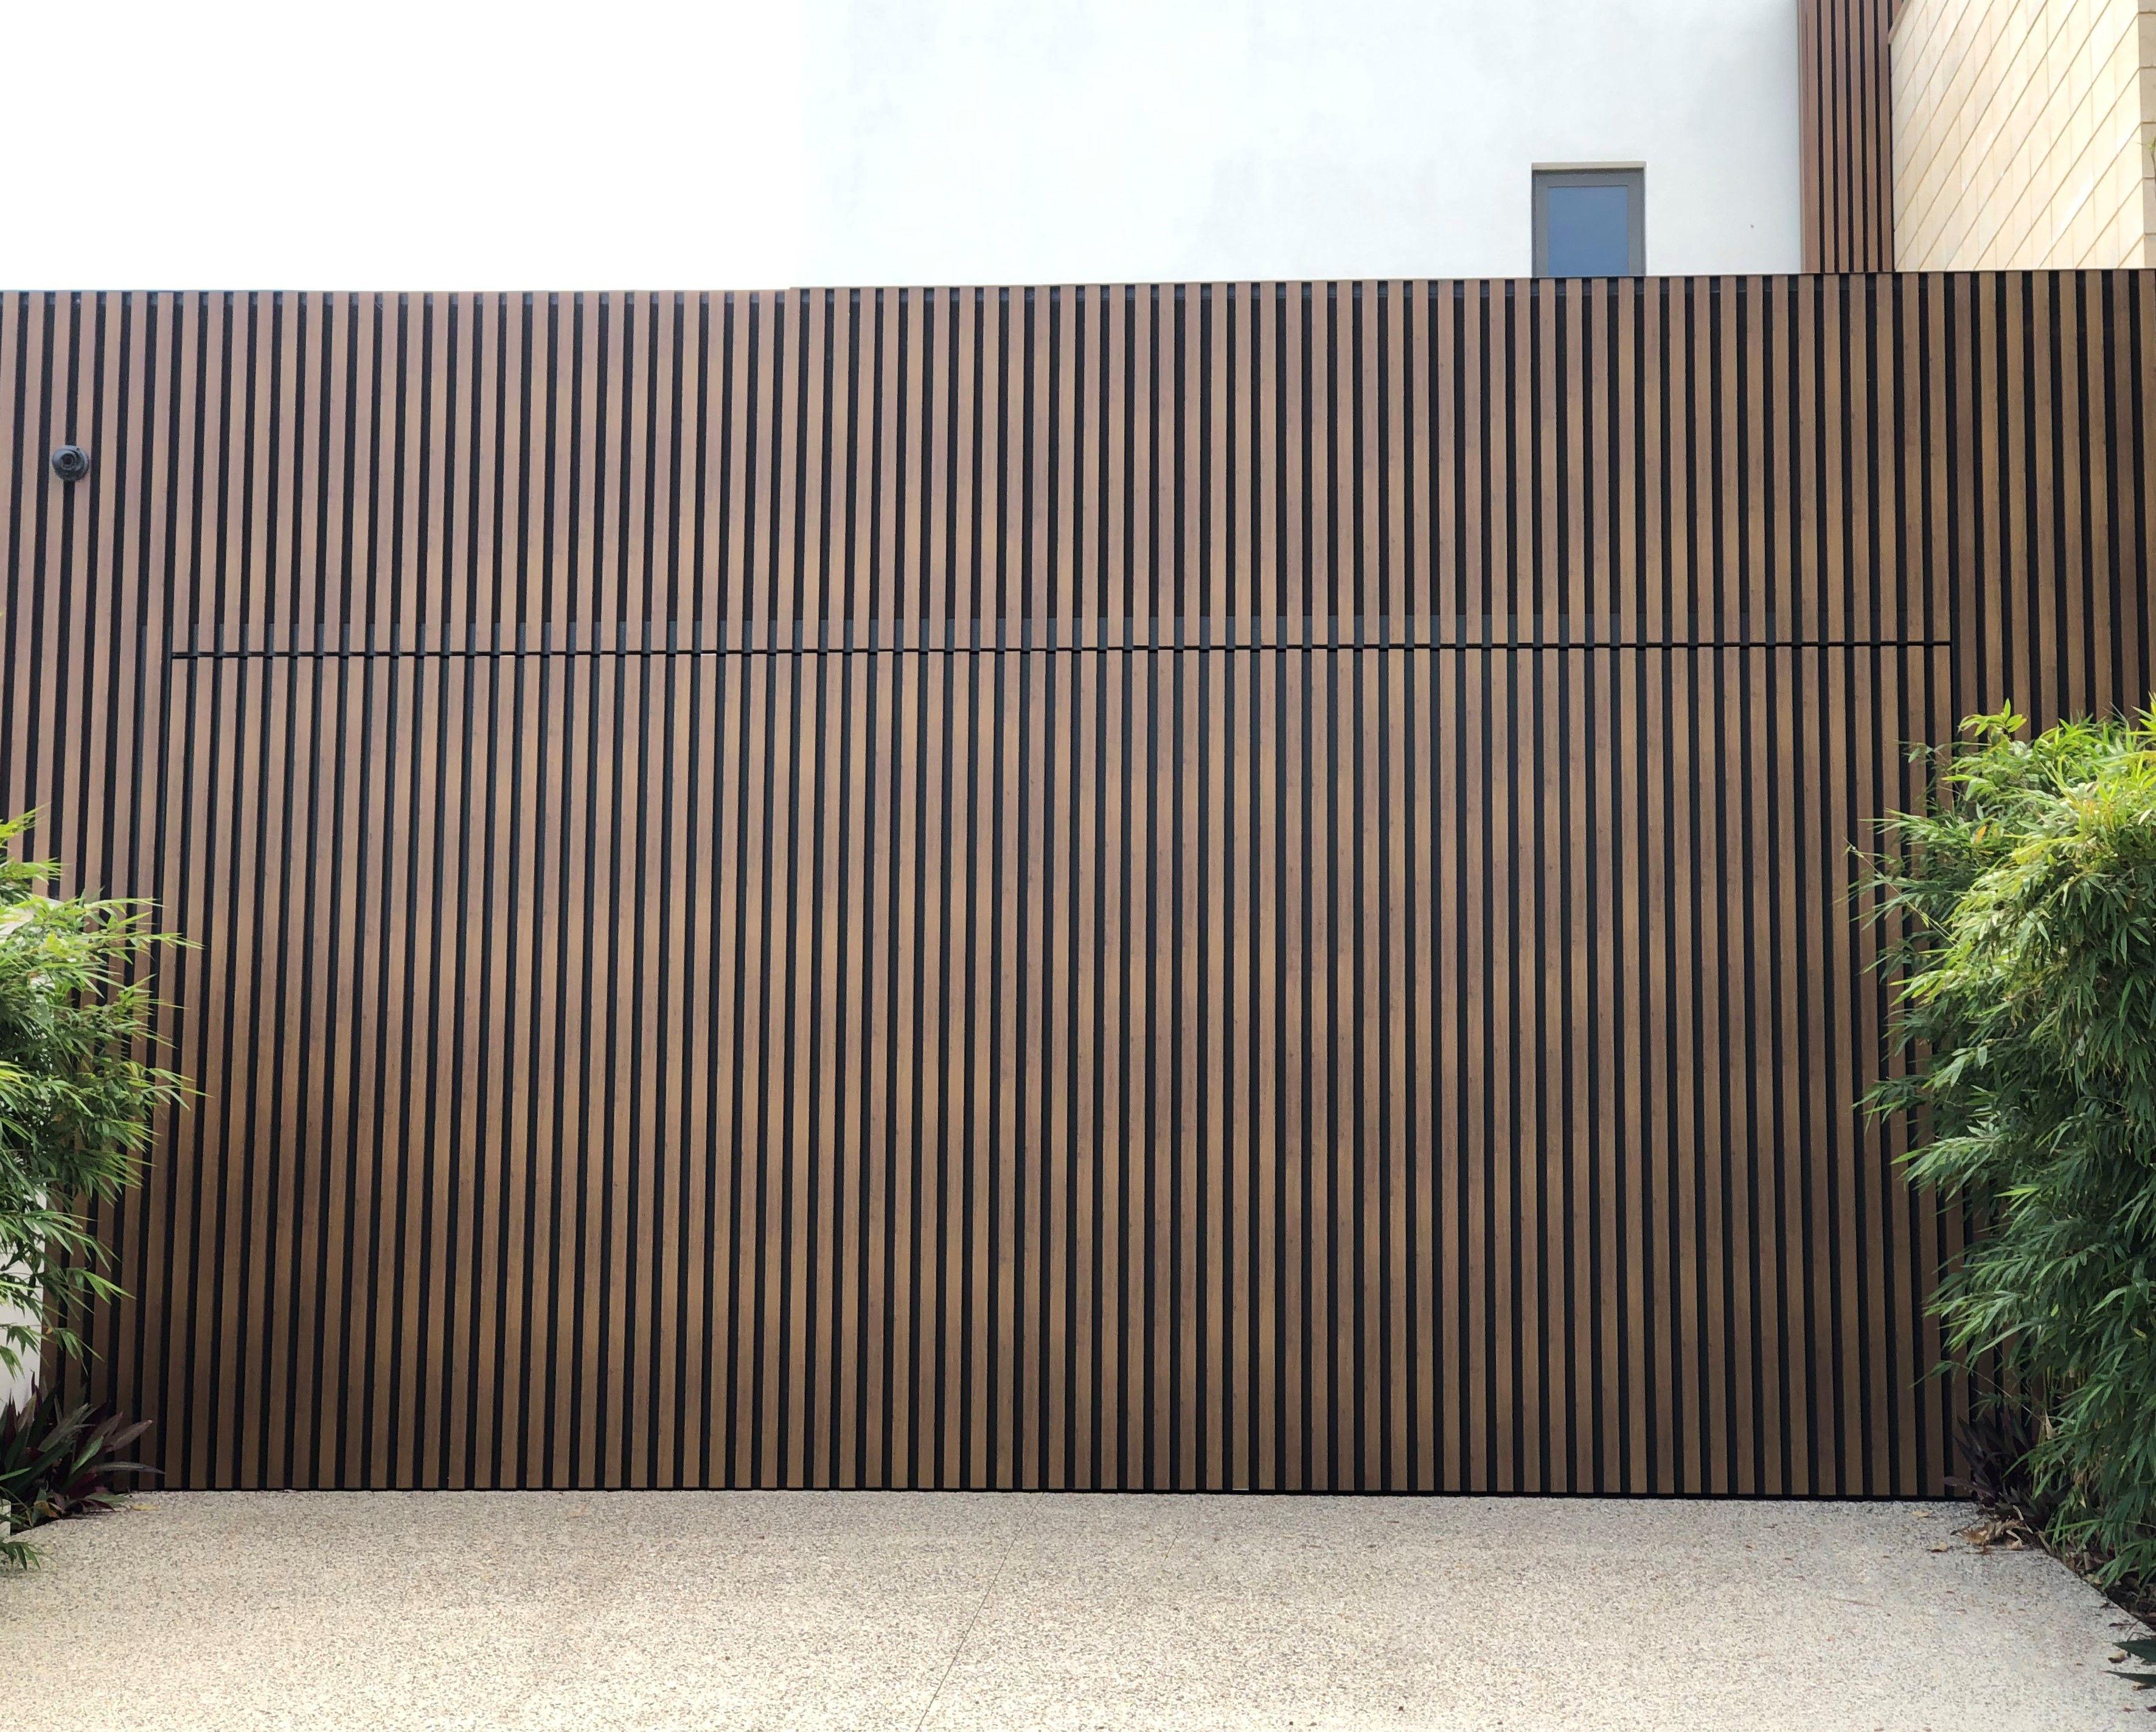 Modern Garage Door Featuring Decobatten Timber Look Battens In 2020 Facade House Modern Farmhouse Exterior Timber Garage